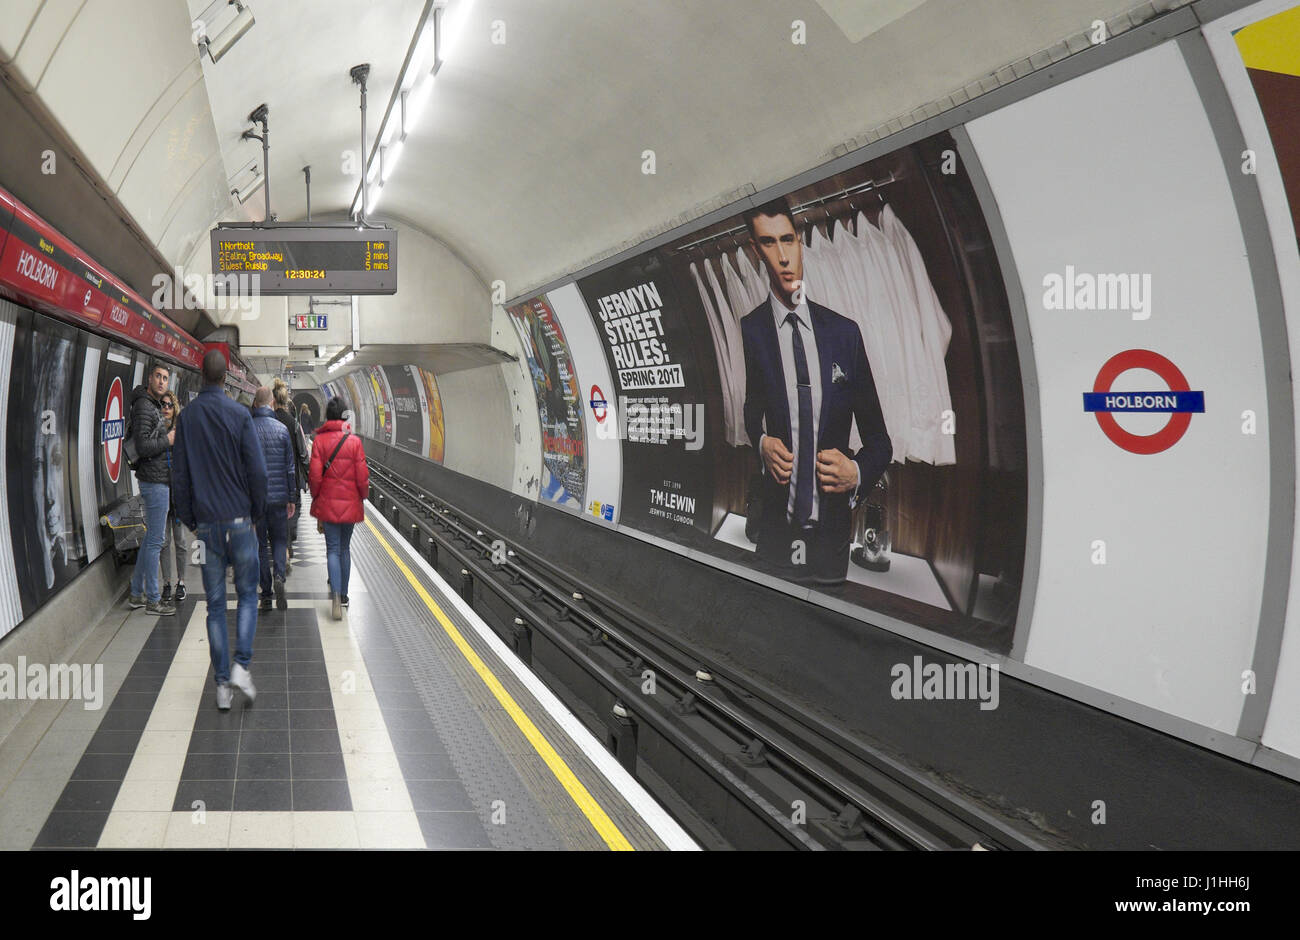 holborn tube station london - Stock Image